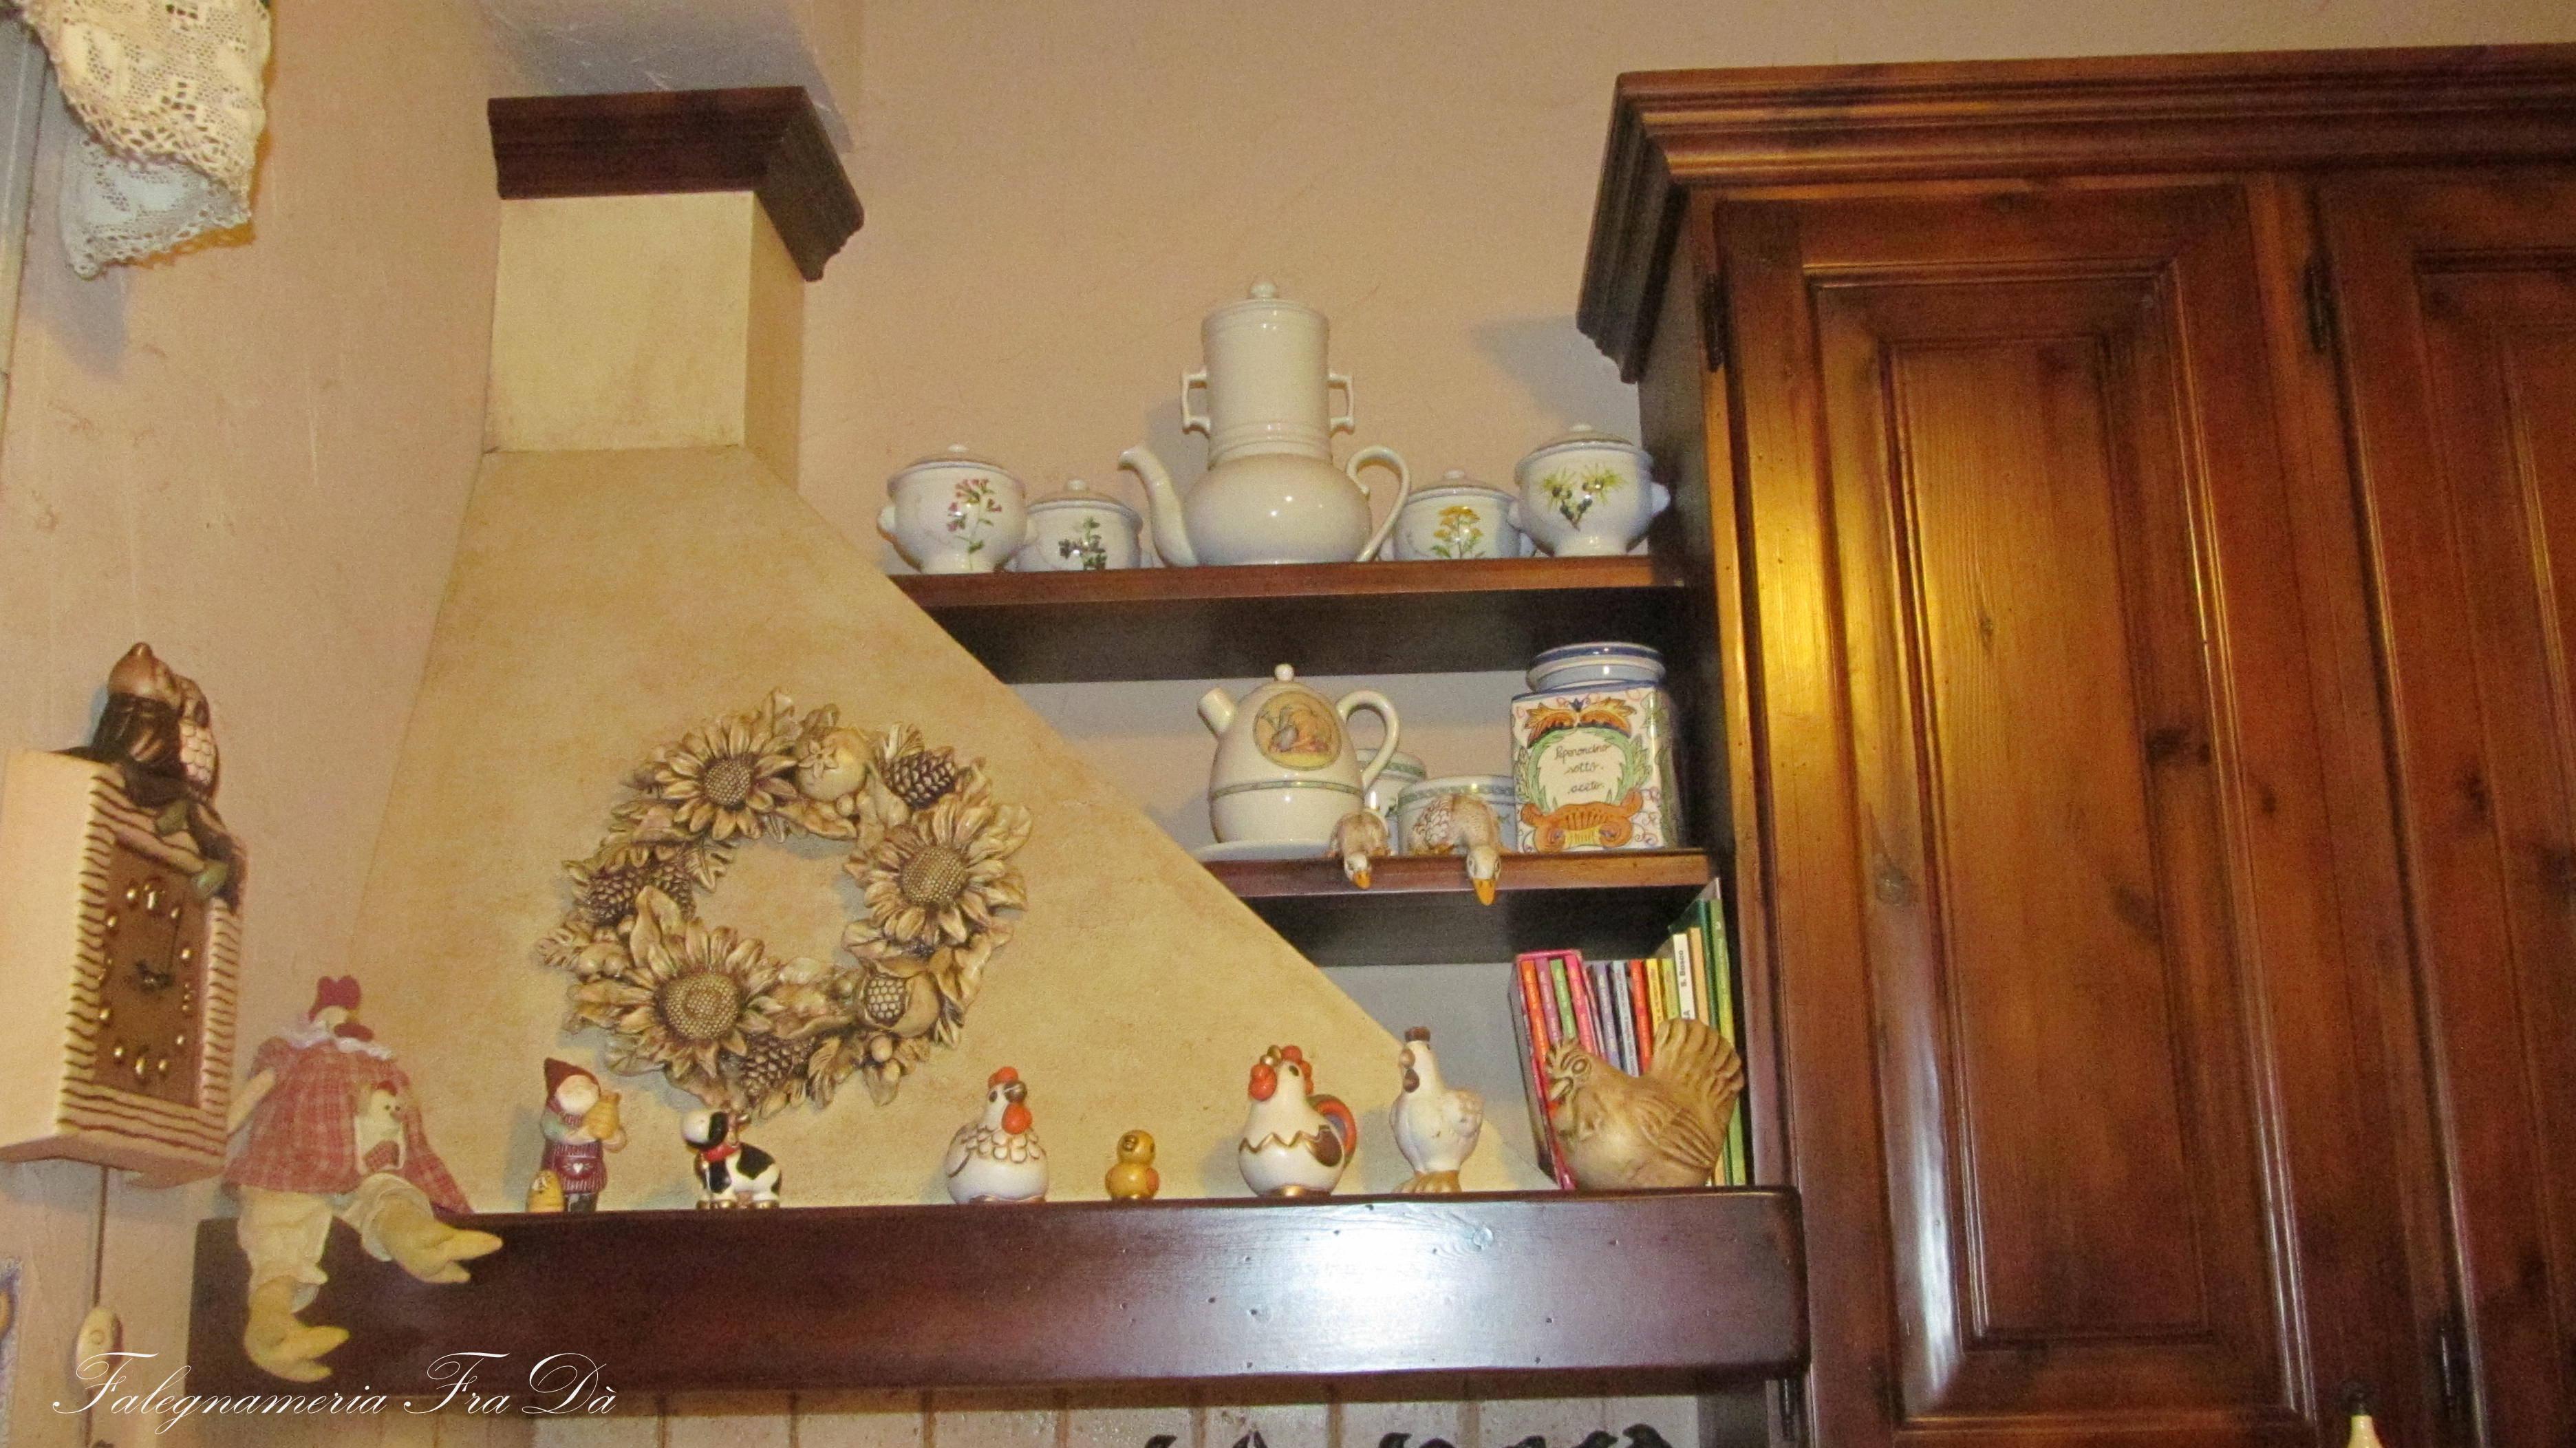 Cucina in muratura artigianale legno massello particolare cappa falegnameria frad falegname - Cappa cucina in muratura ...